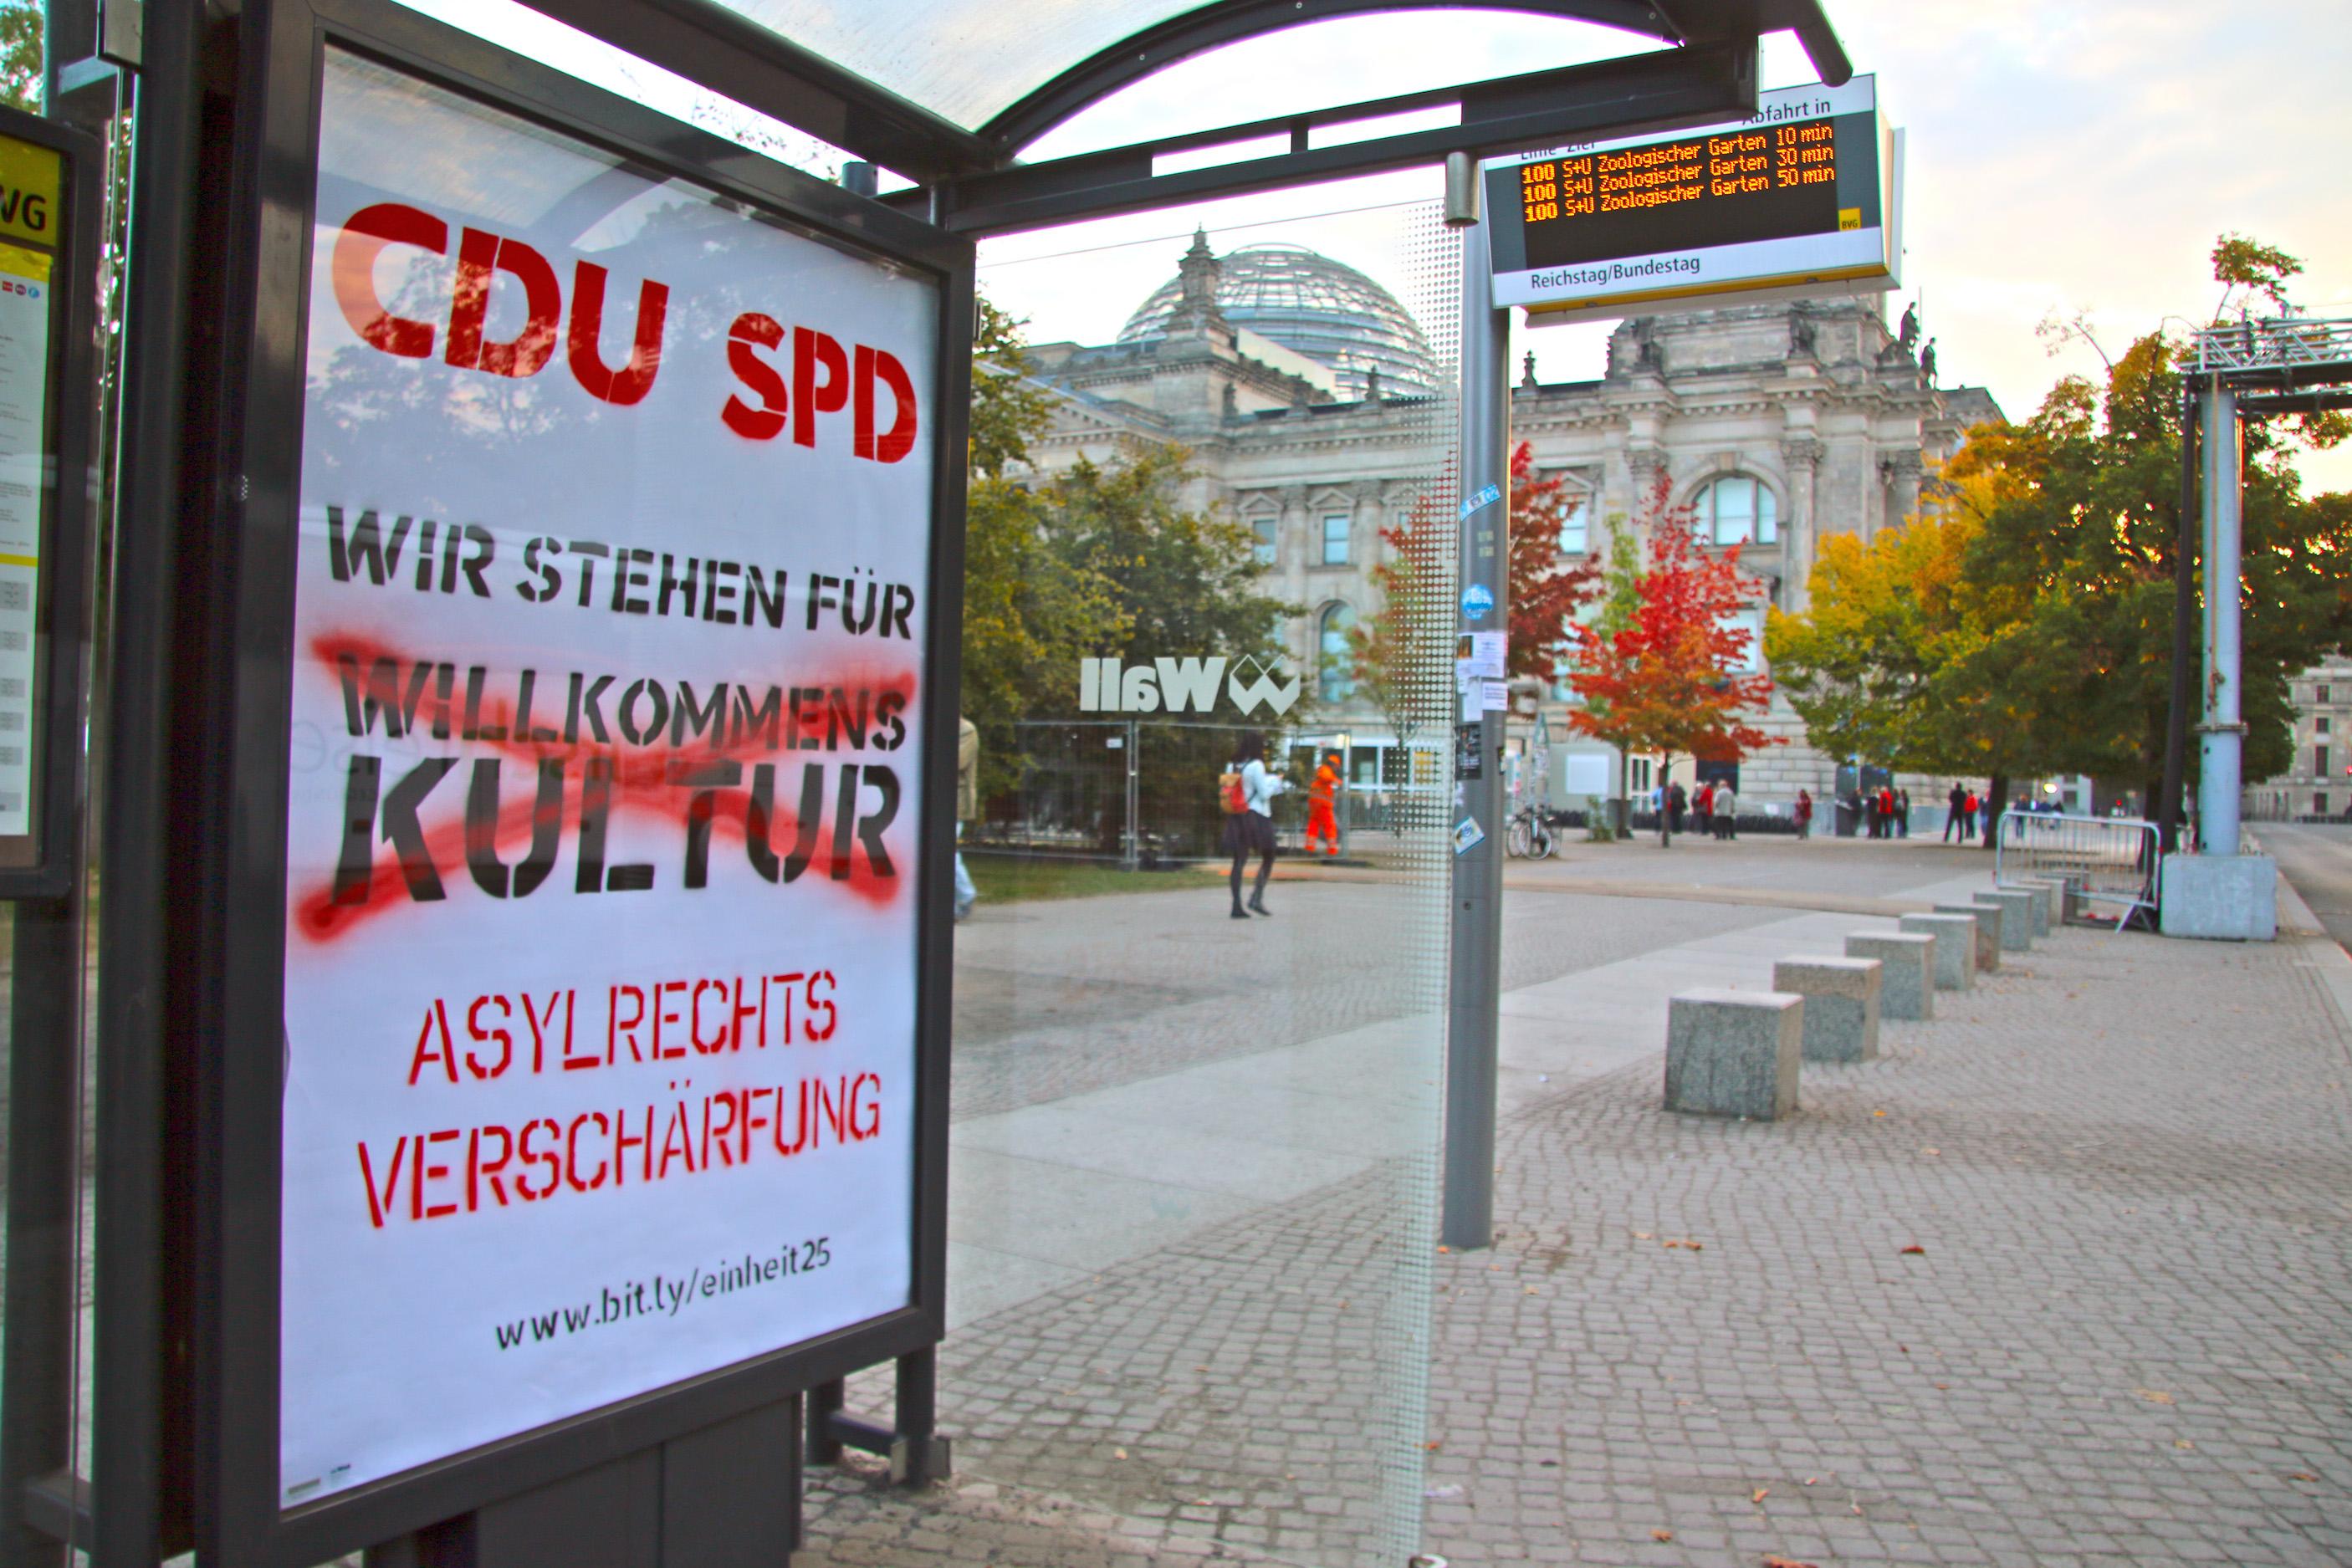 Adbusting am Bundestag, 4.10.2015